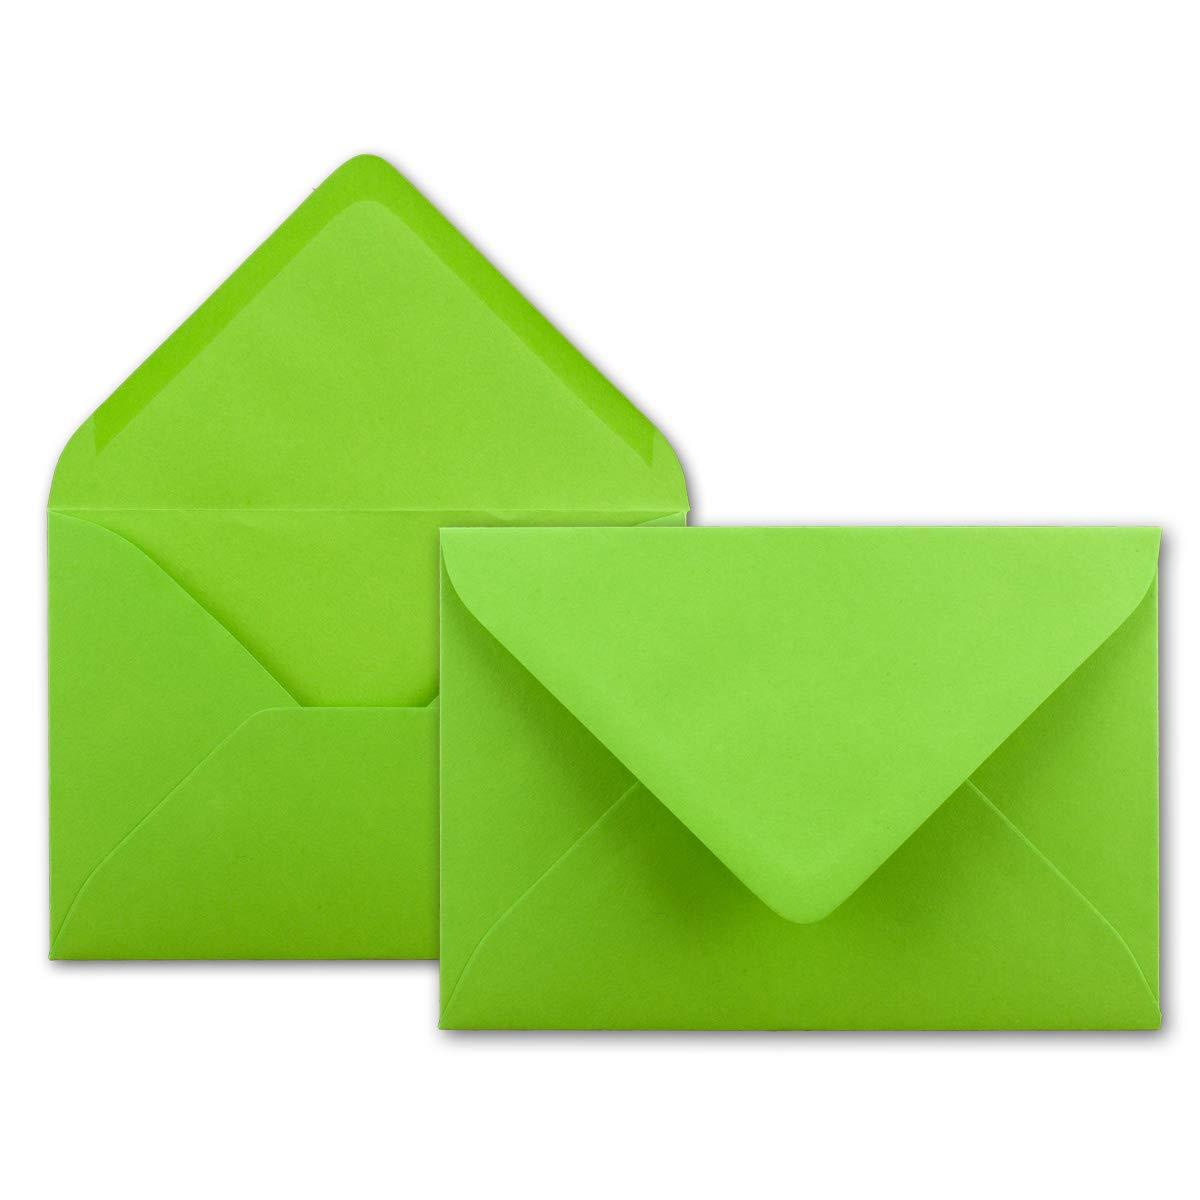 22,0 x 15,4 cm 120 g//m/² Nassklebung Post-Umschl/äge ohne Fenster ideal f/ür Weihnachten Gru/ßkarten Einladungen 50 DIN C5 Briefumschl/äge hoch-weiss